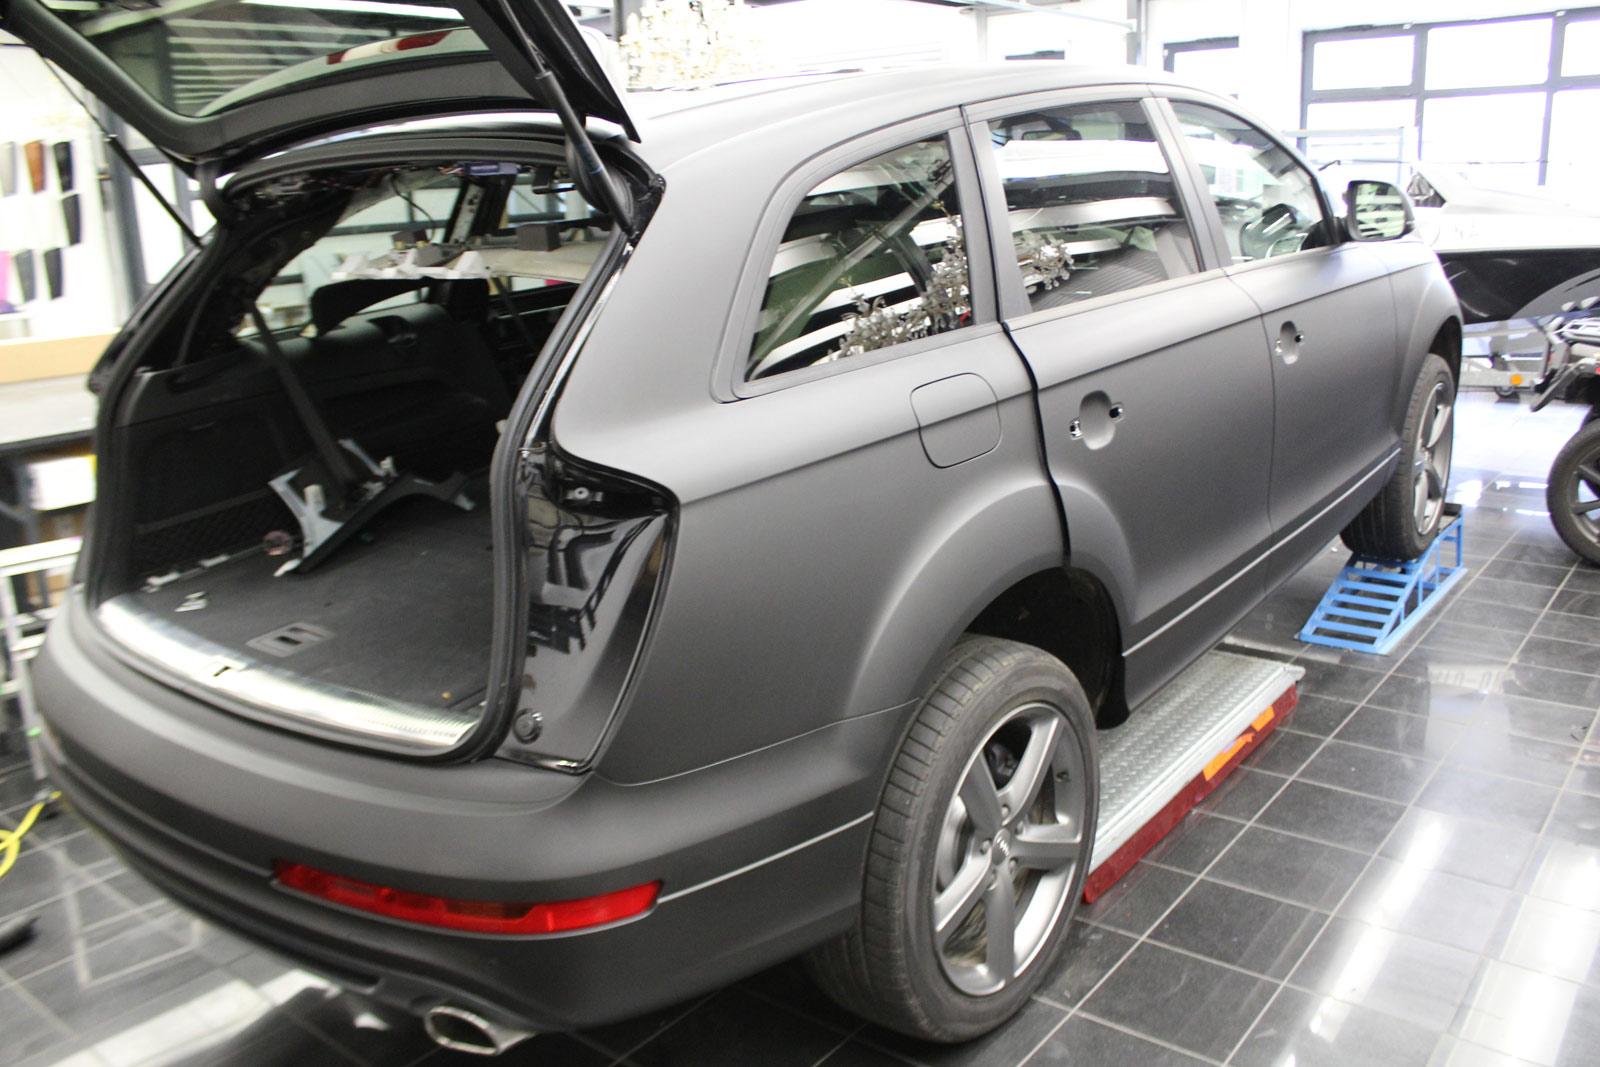 Audi_Q7_Folienbeklebung_Schwarz_Ultramatt_04